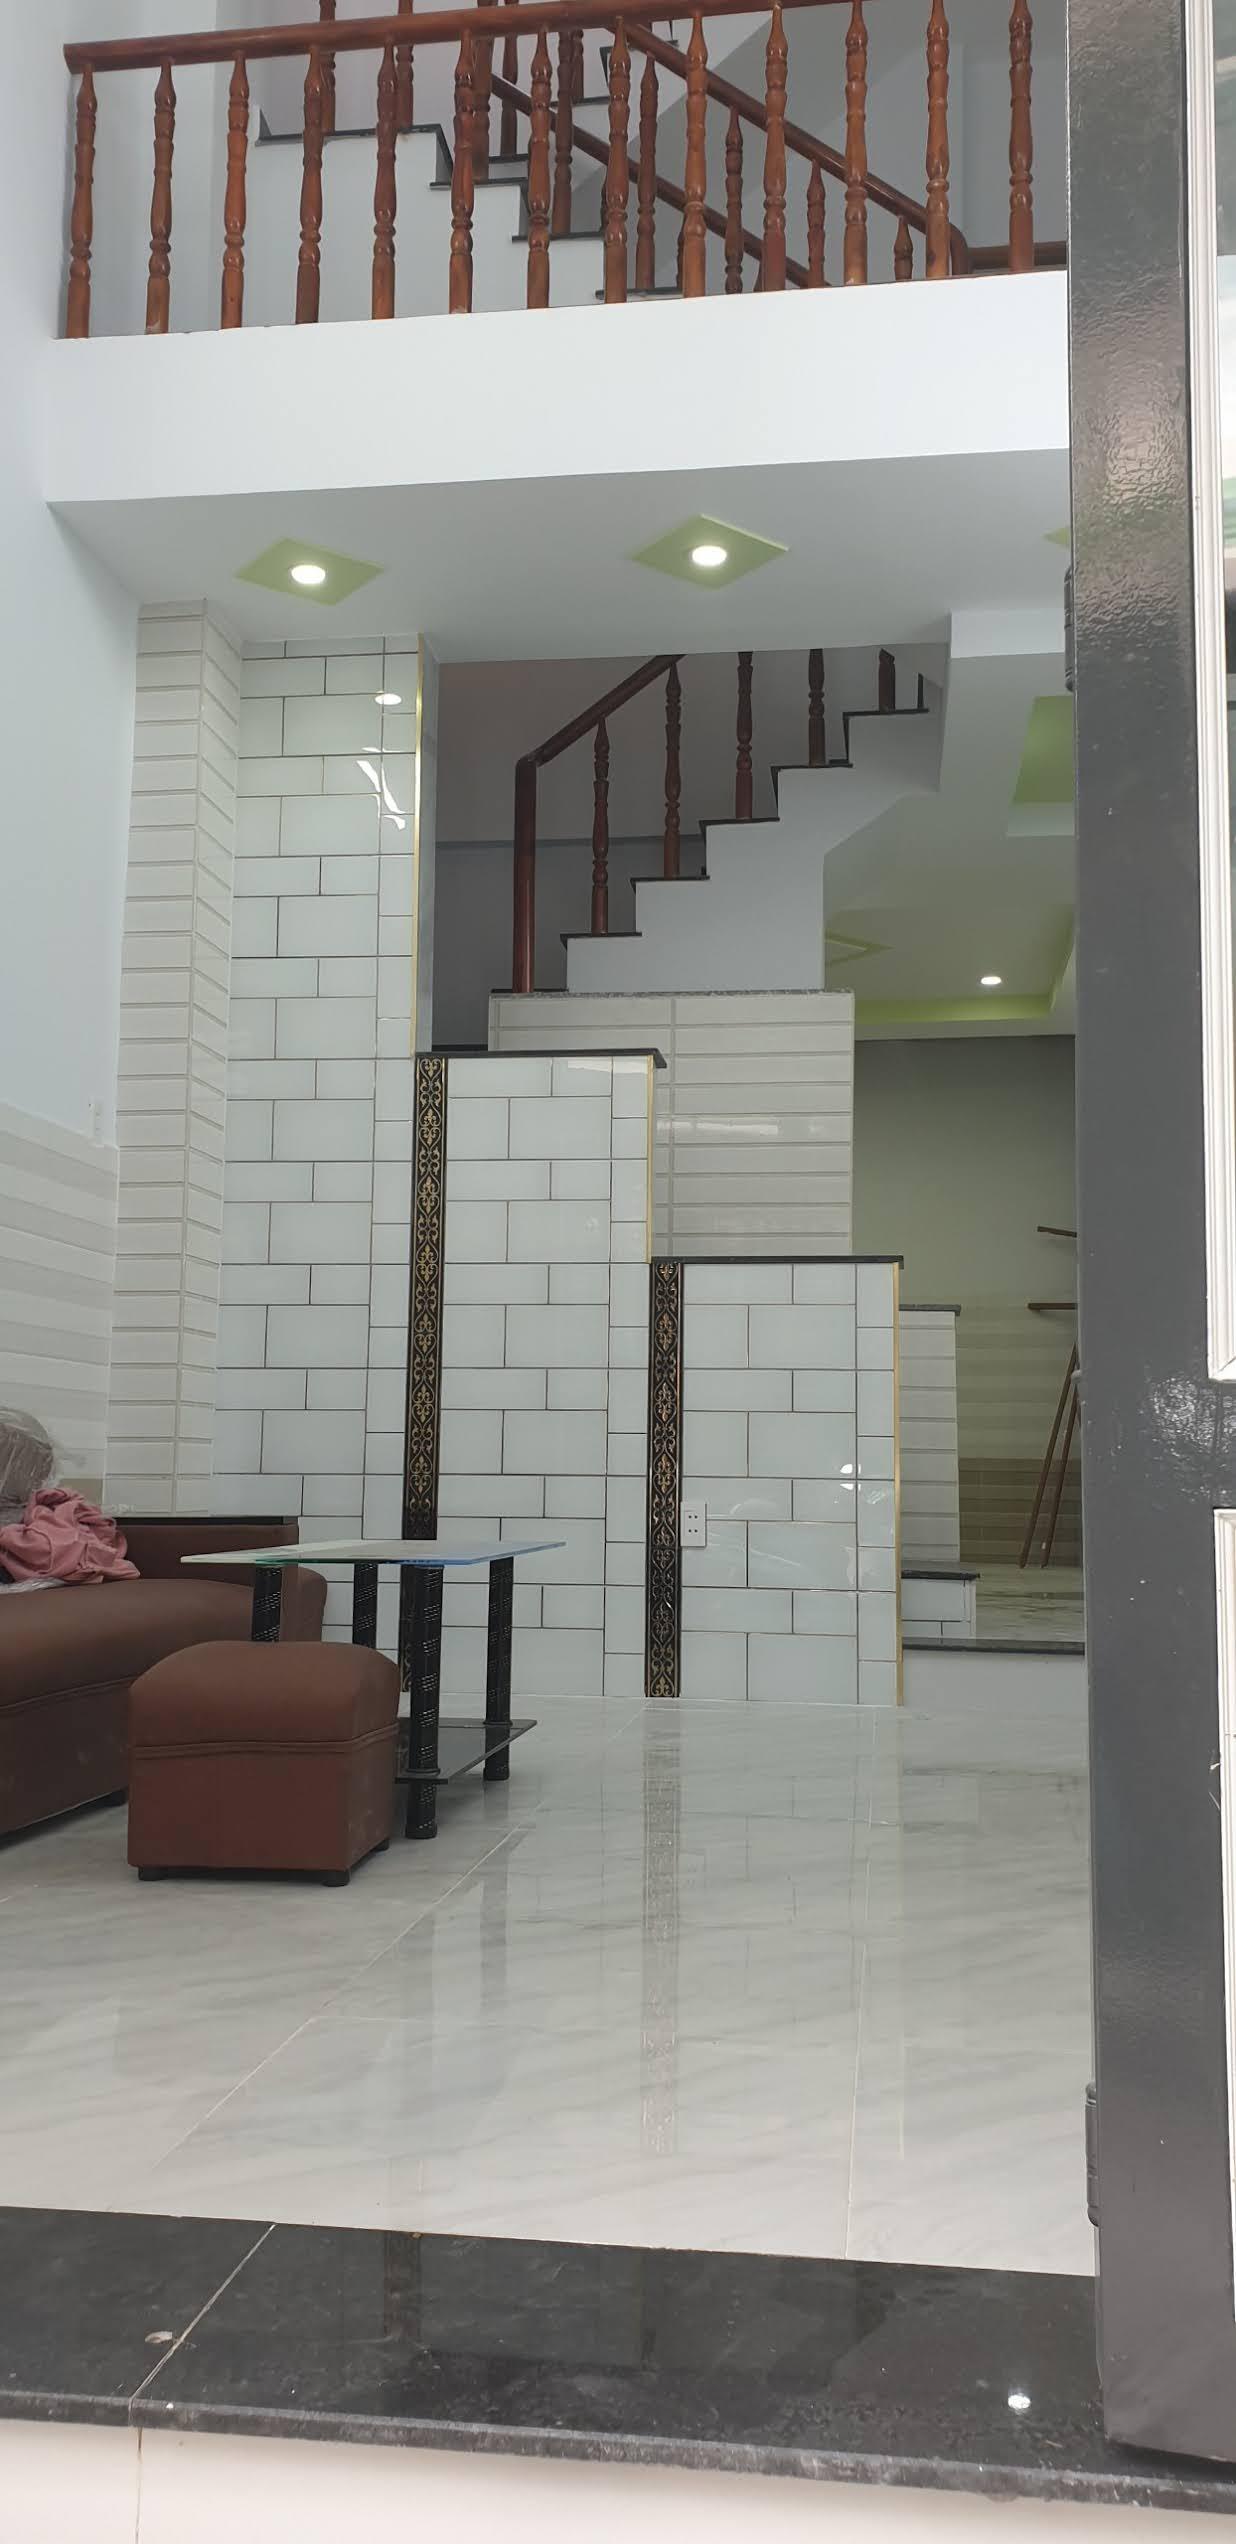 Bán nhà 1 lững 1 lầu hẻm 302 Lê Đình Cẩn quận Bình Tân dưới 4 tỷ mới nhất 2021